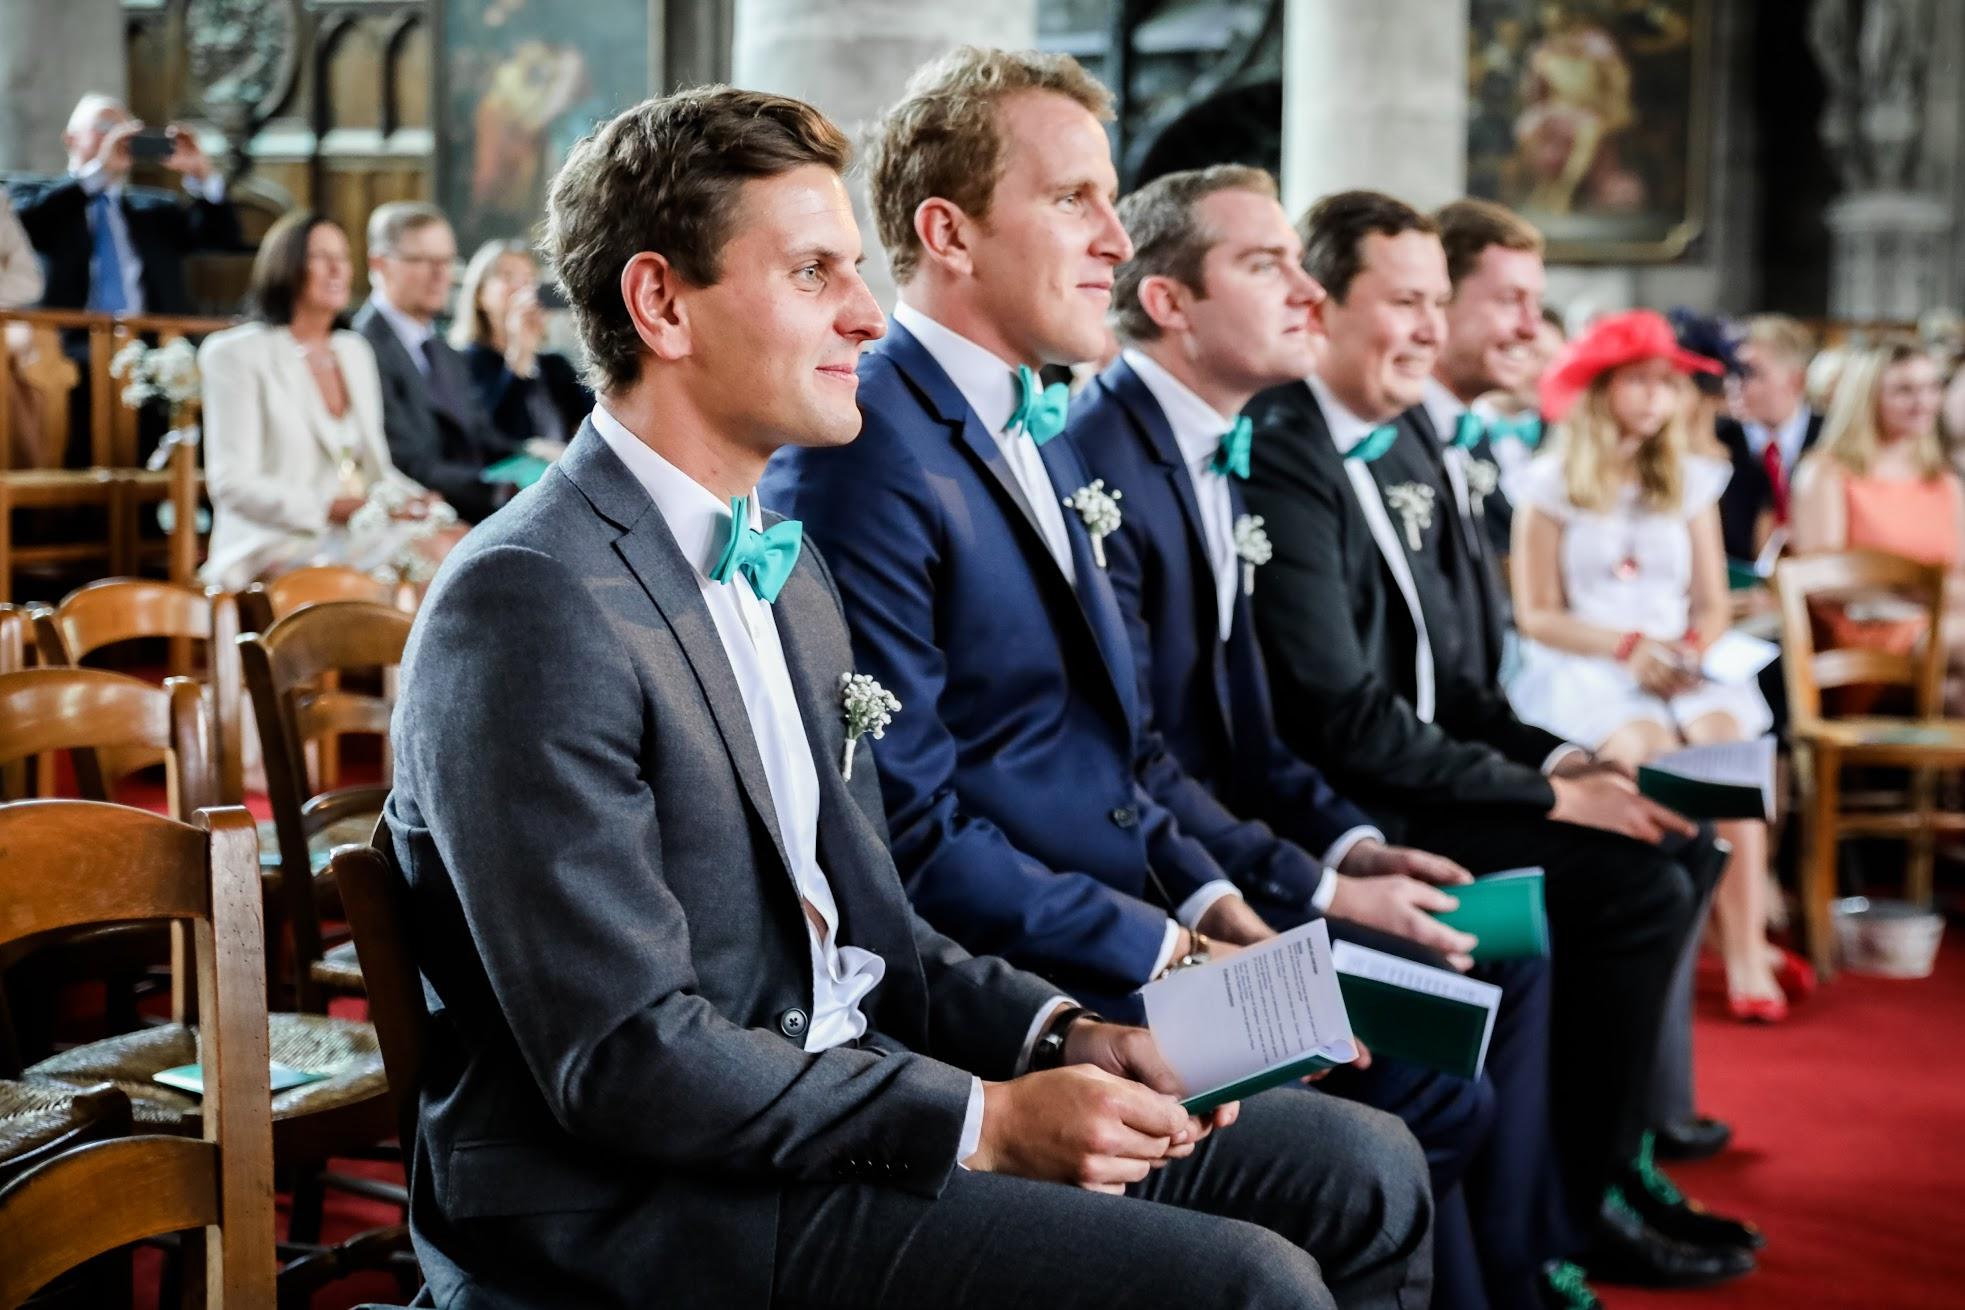 emoins mariage Thomas et justine le coq en pap